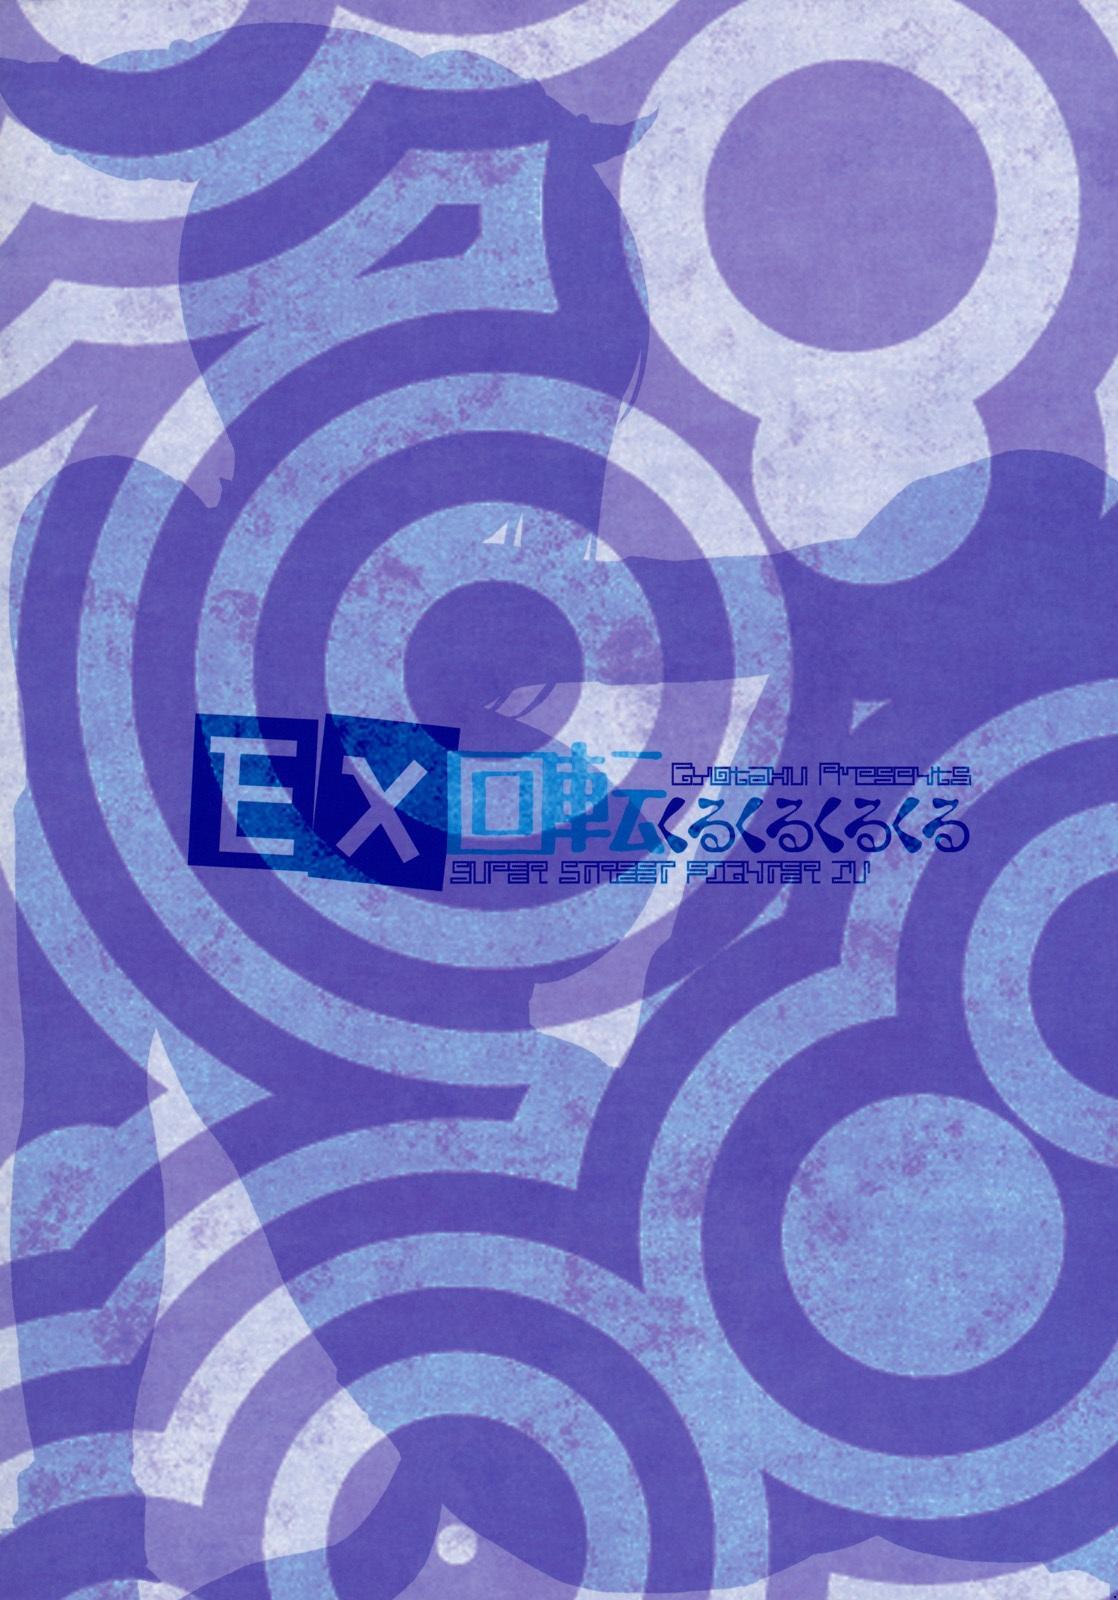 EX Kaiten Kurukuru Kurukuru 3